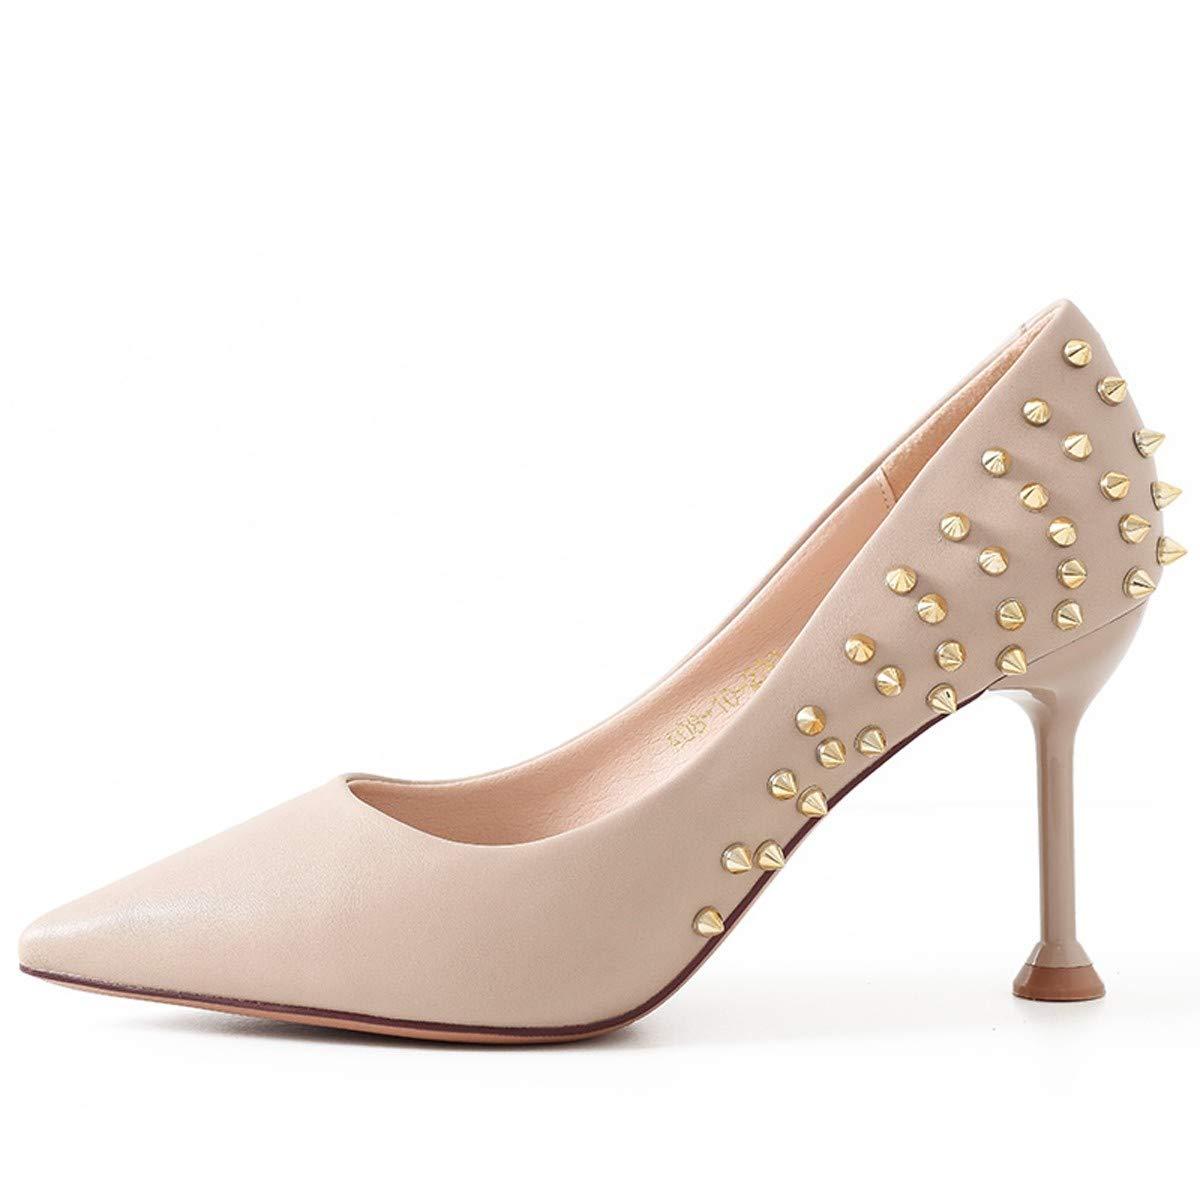 LBTSQ-Nieten High Heels dünn und Spitz 7cm Sexy Katze und Mode Schuhe.